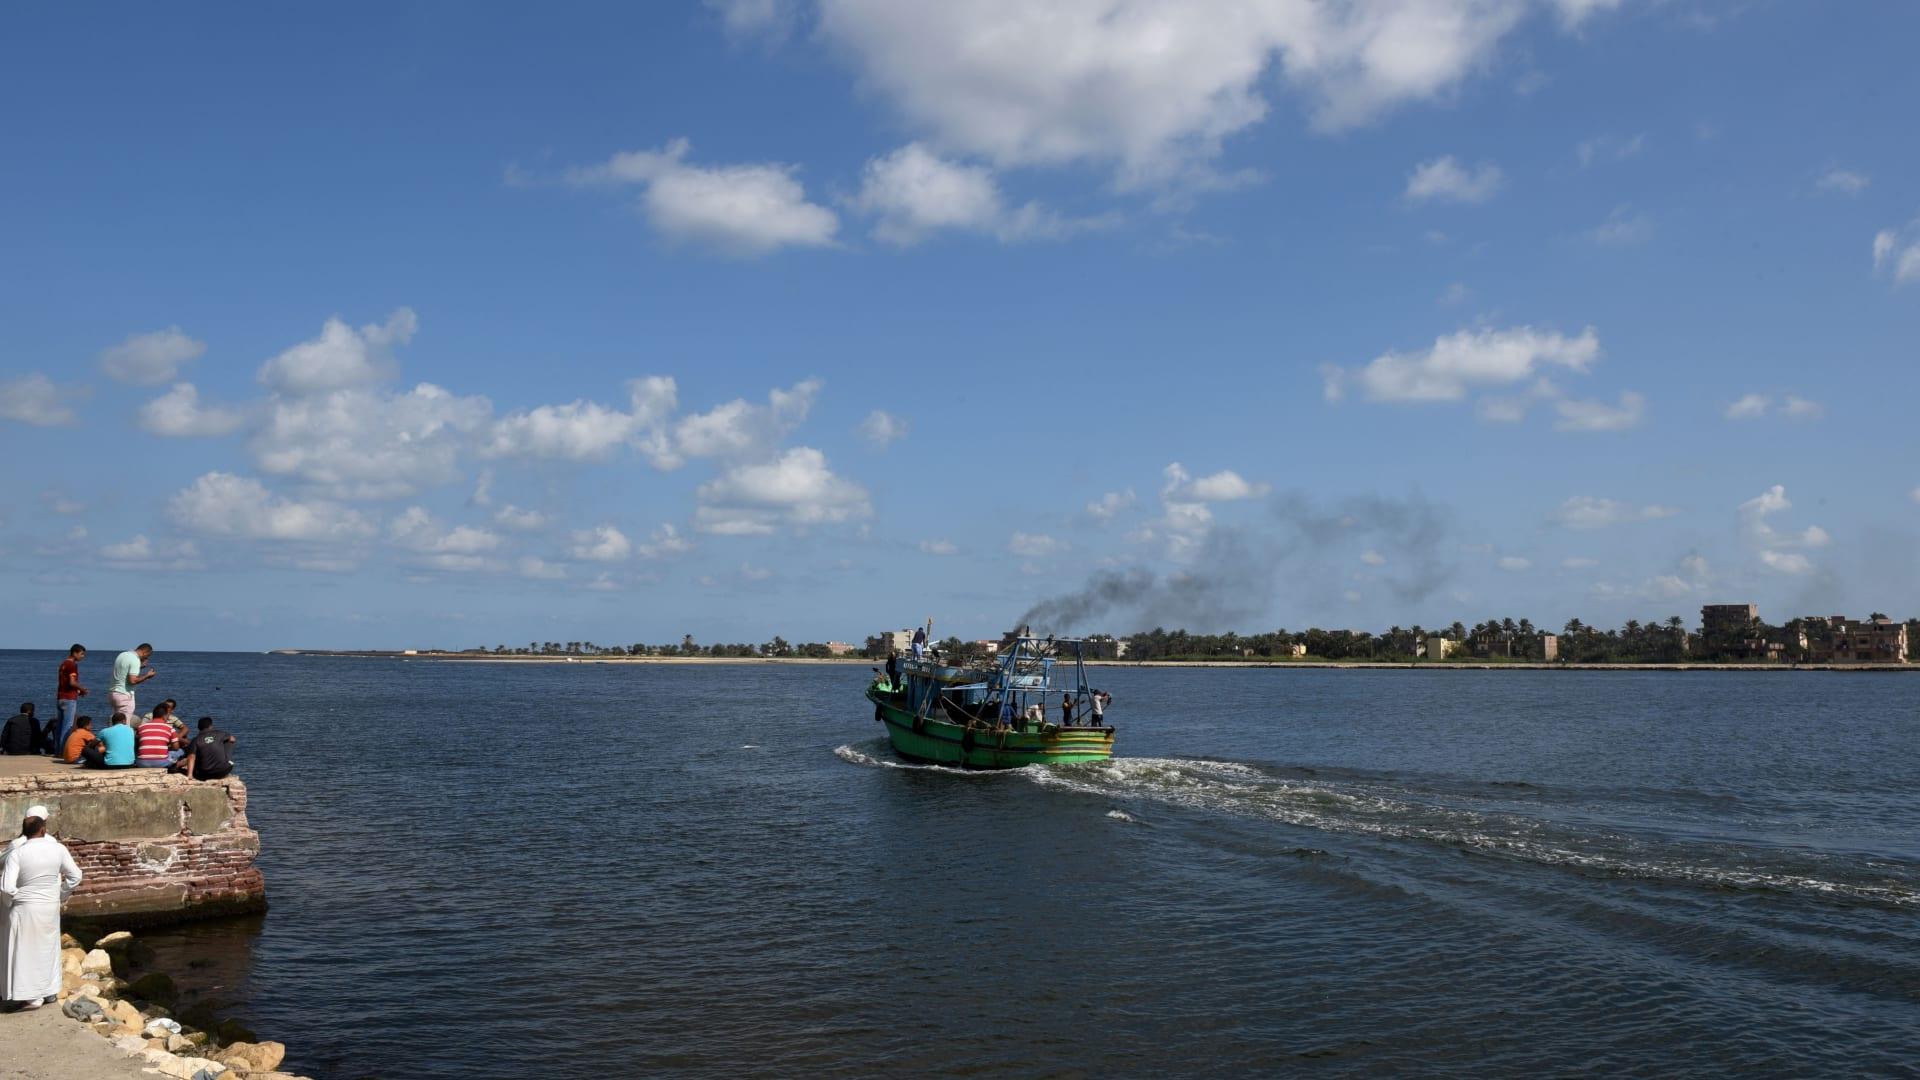 مصر: حجز 4 من طاقم المركب الذي حمل 600 مهاجر غير شرعي